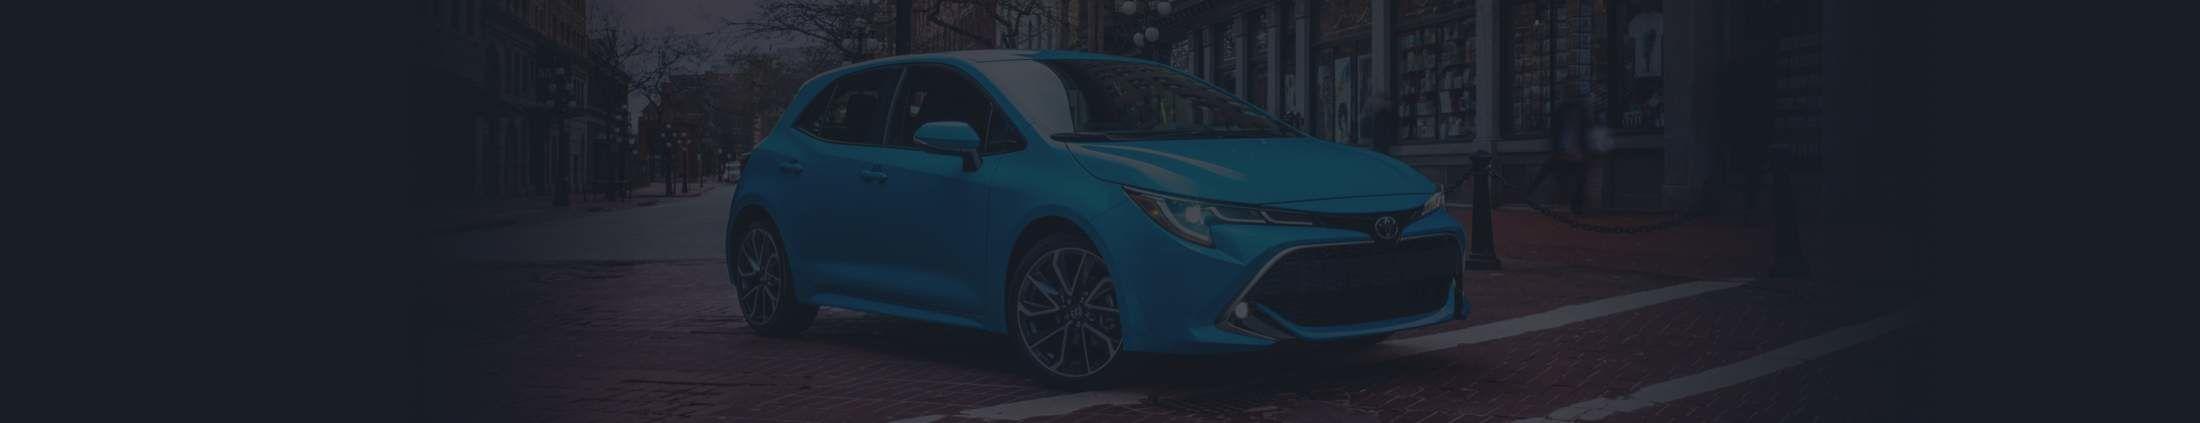 Corolla hatchback 2021